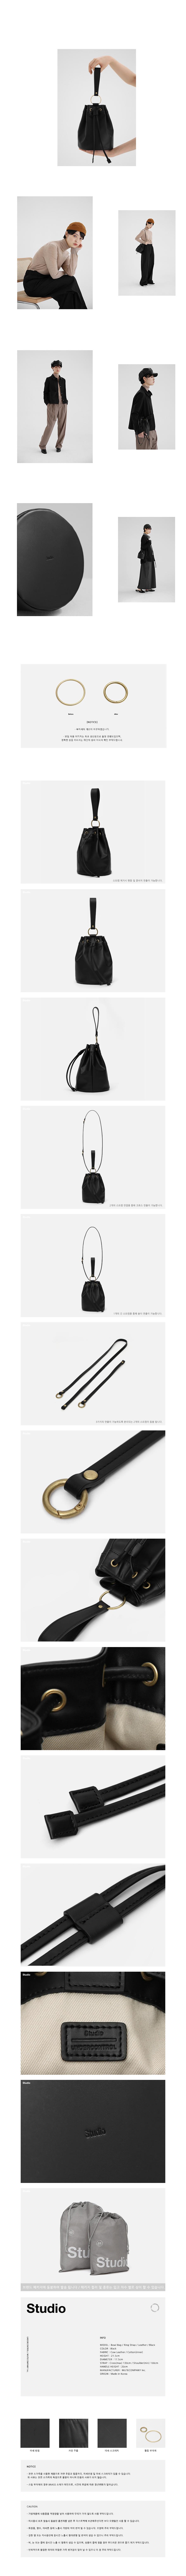 언더컨트롤 스튜디오(UNDERCONTROL STUDIO) BOWL BAG / RING STRAP / LEATHER / BLACK (숄더 스트랩 제공)